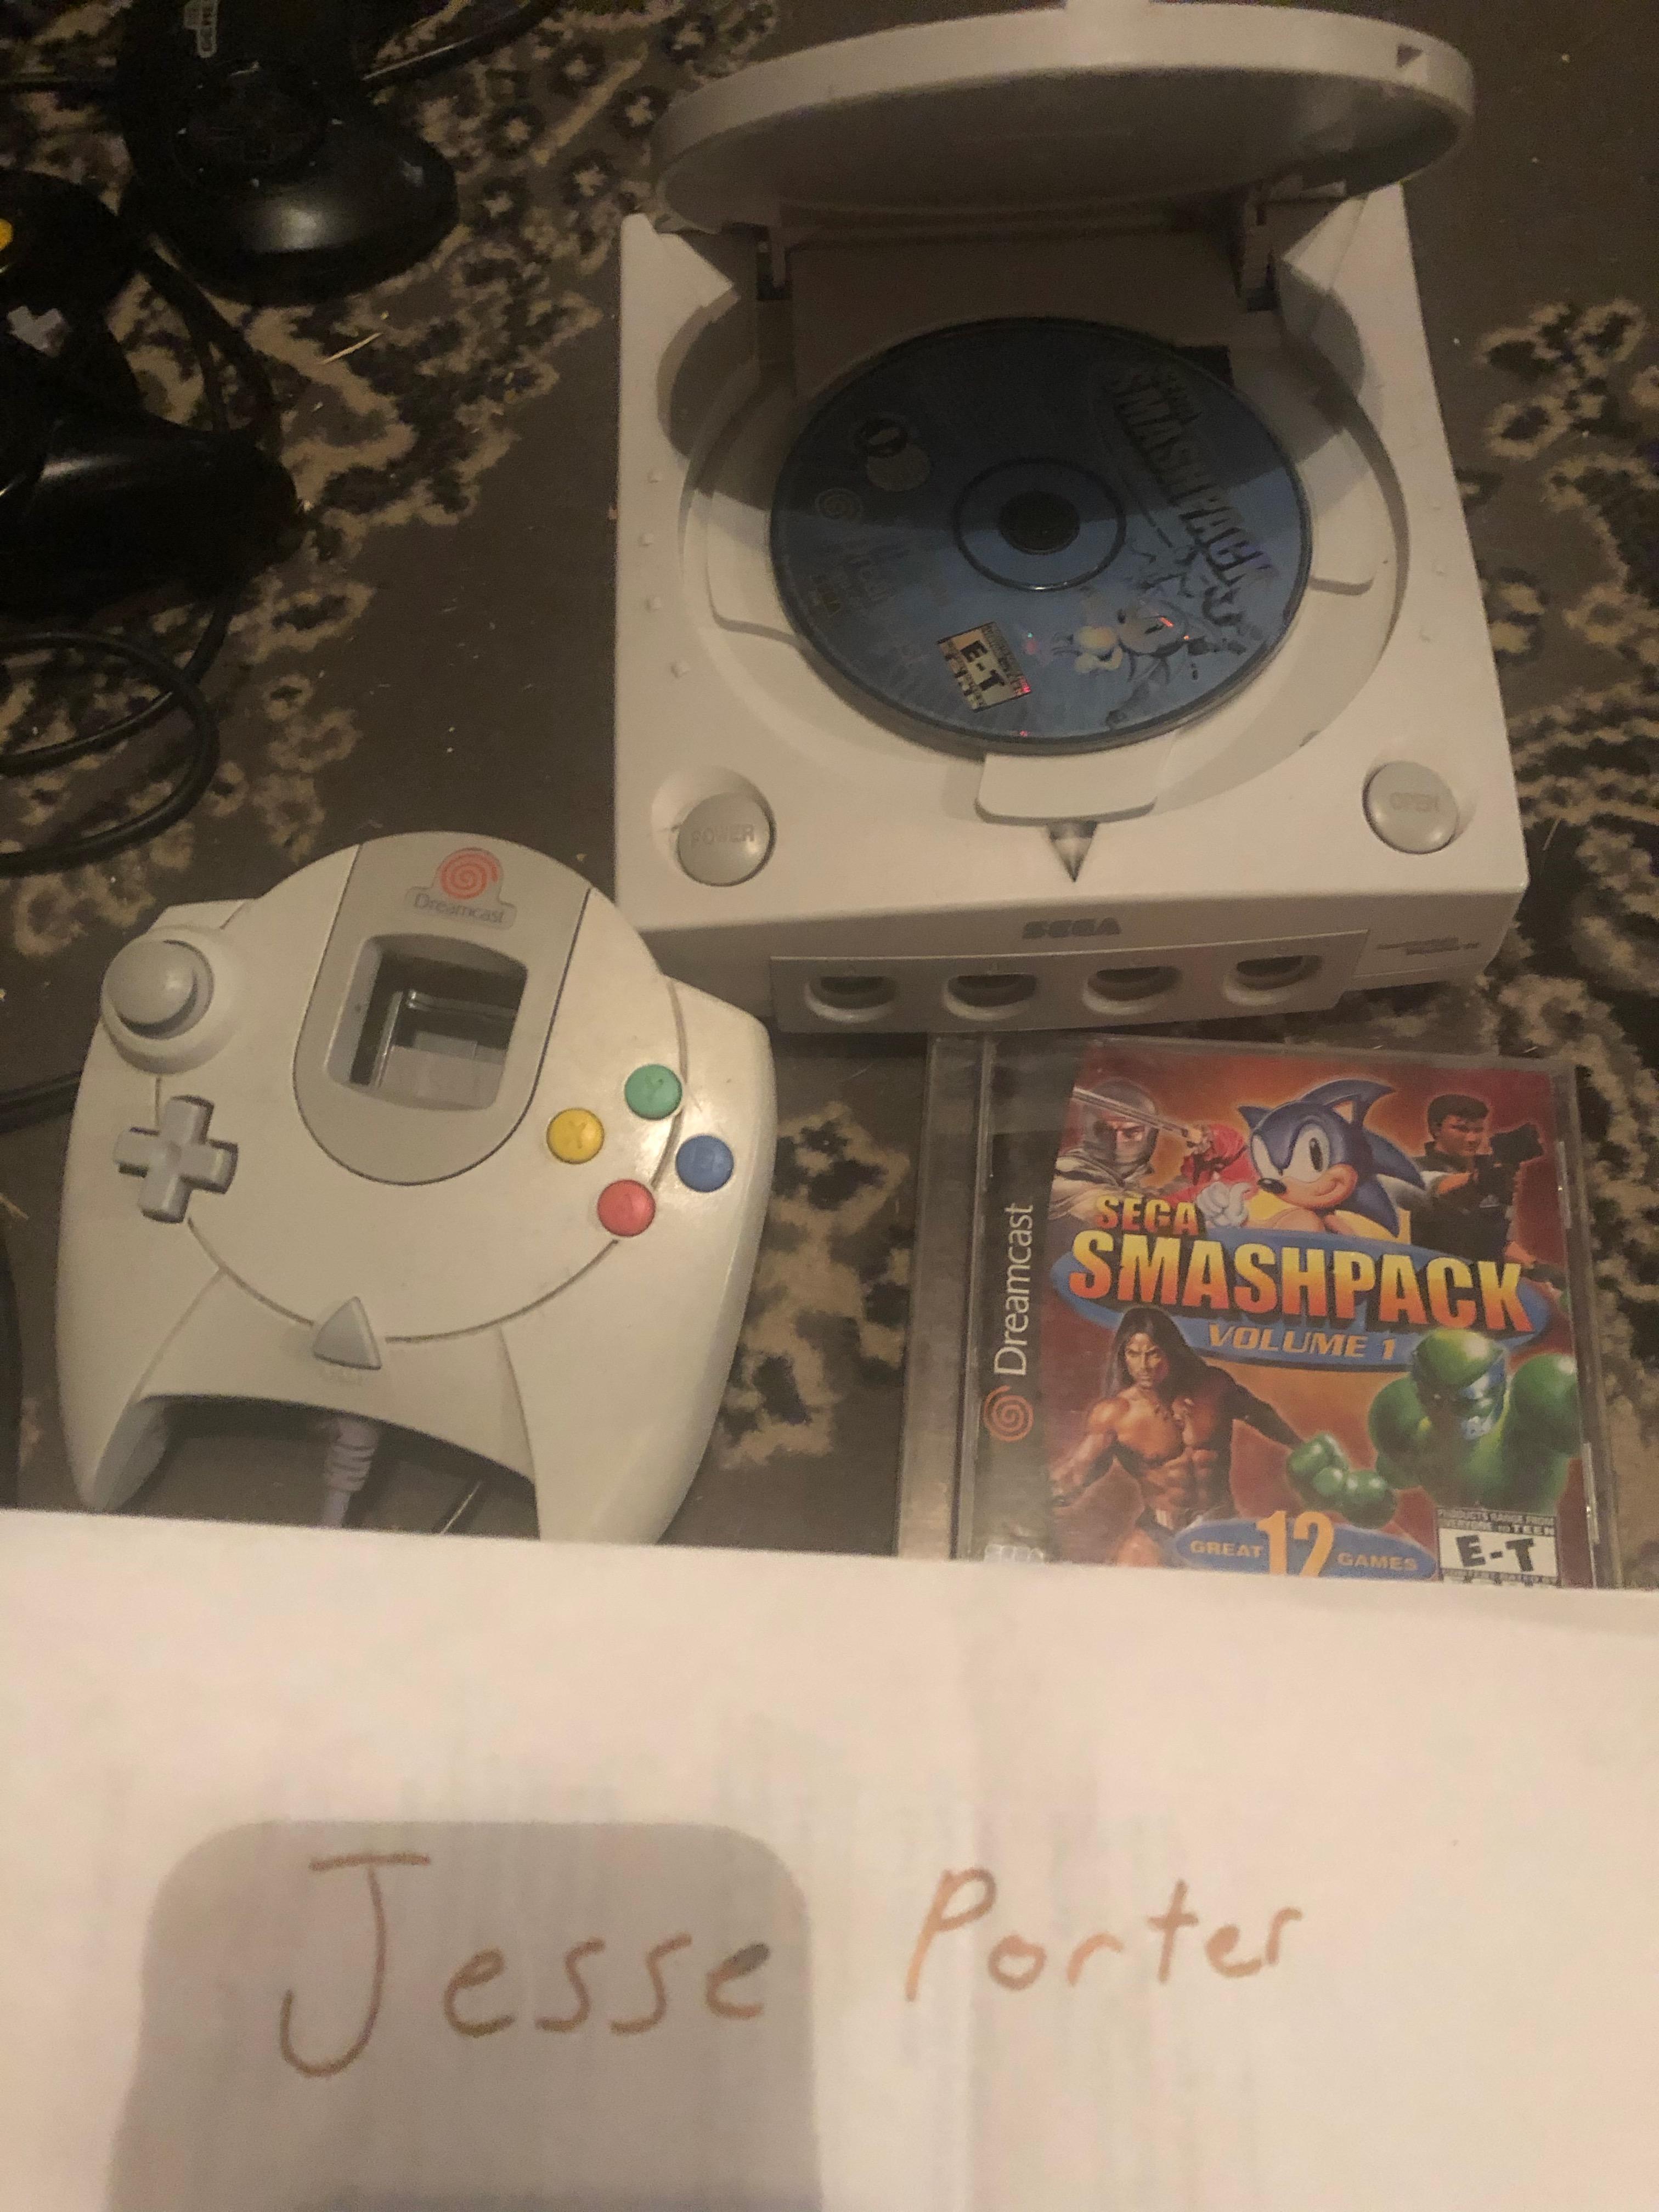 JessePorter: Sega Smash Pack: Vectorman (Dreamcast) 999,999 points on 2019-12-13 18:44:15